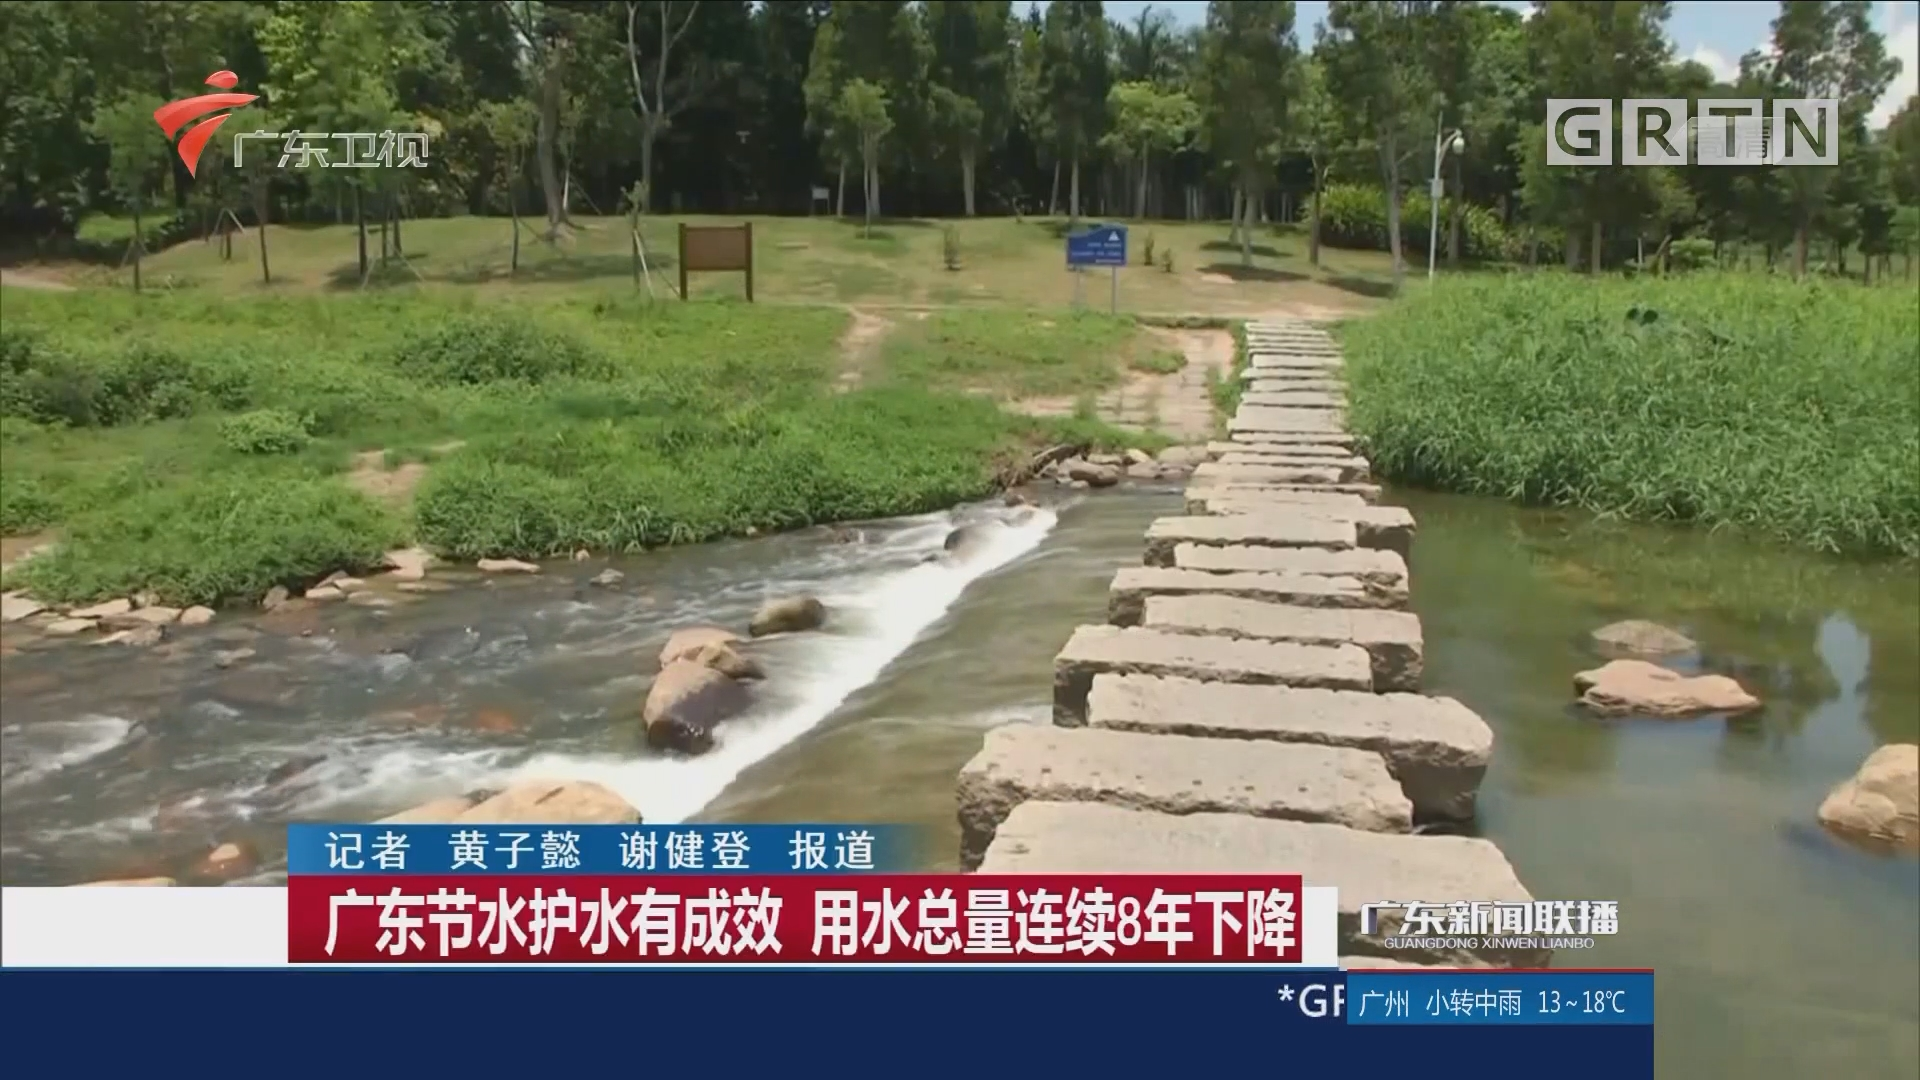 广东节水护水有成效 用水总量连续8年下降